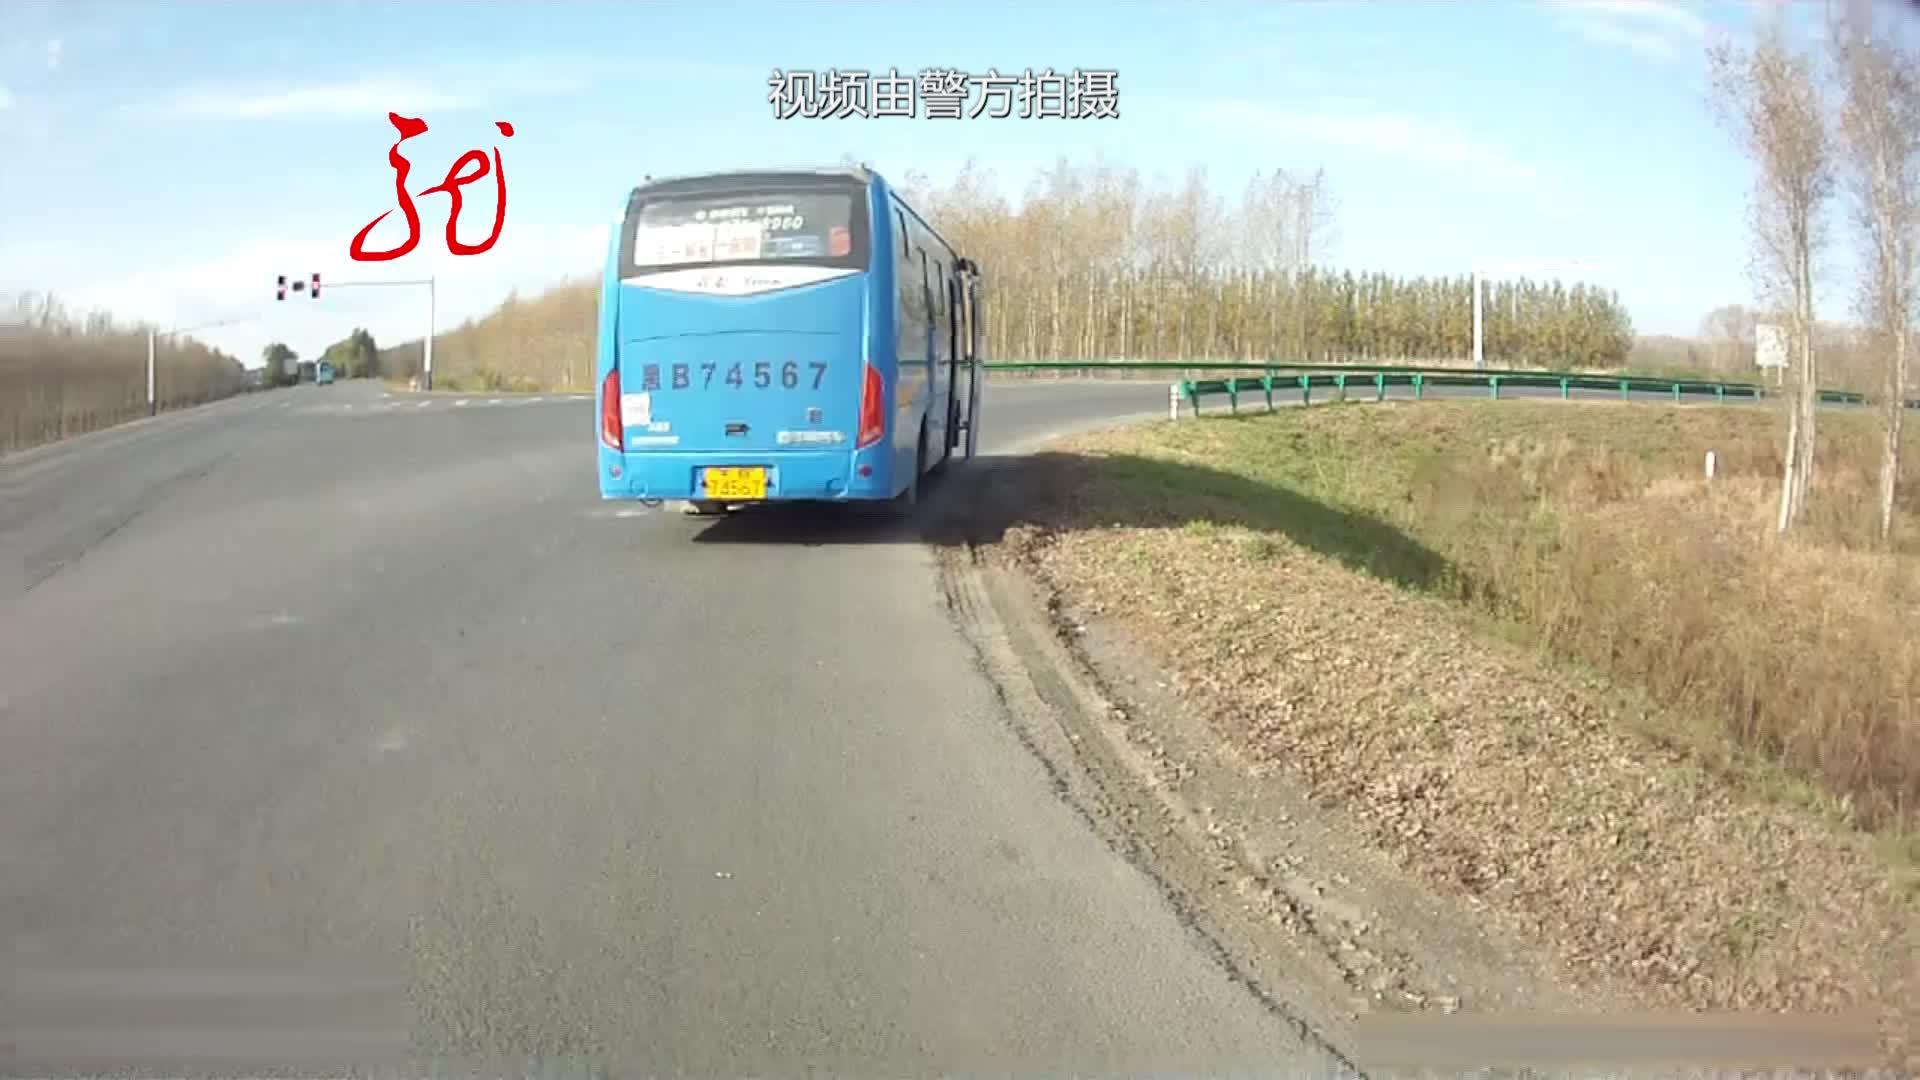 大客车超载16人 被交警查获 司机受到严厉处罚